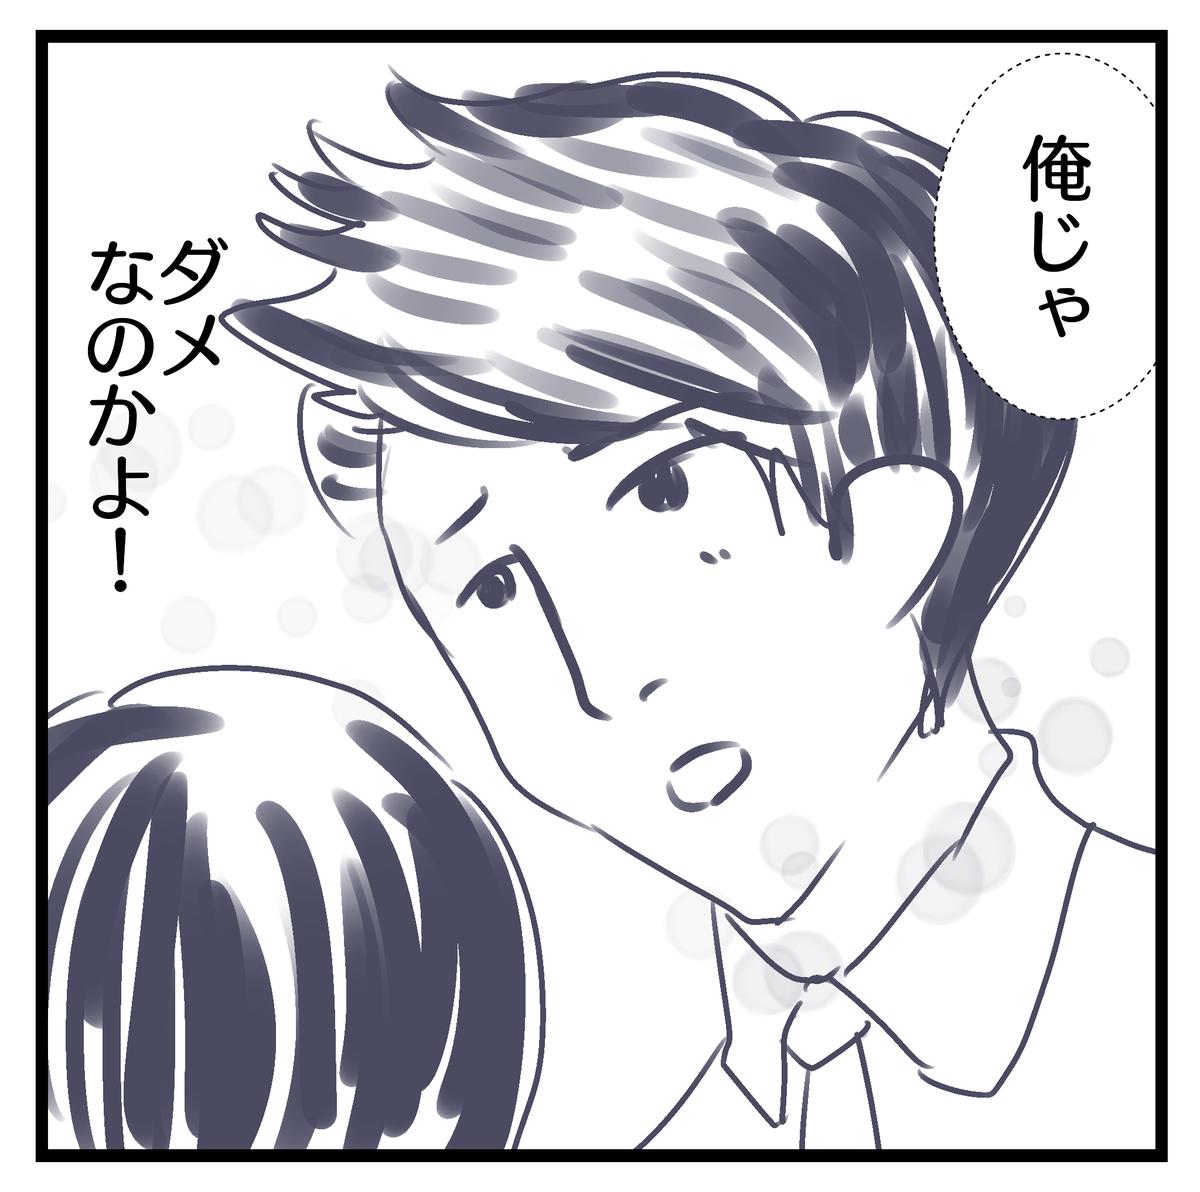 f:id:YuruFuwaTa:20200526152941p:plain